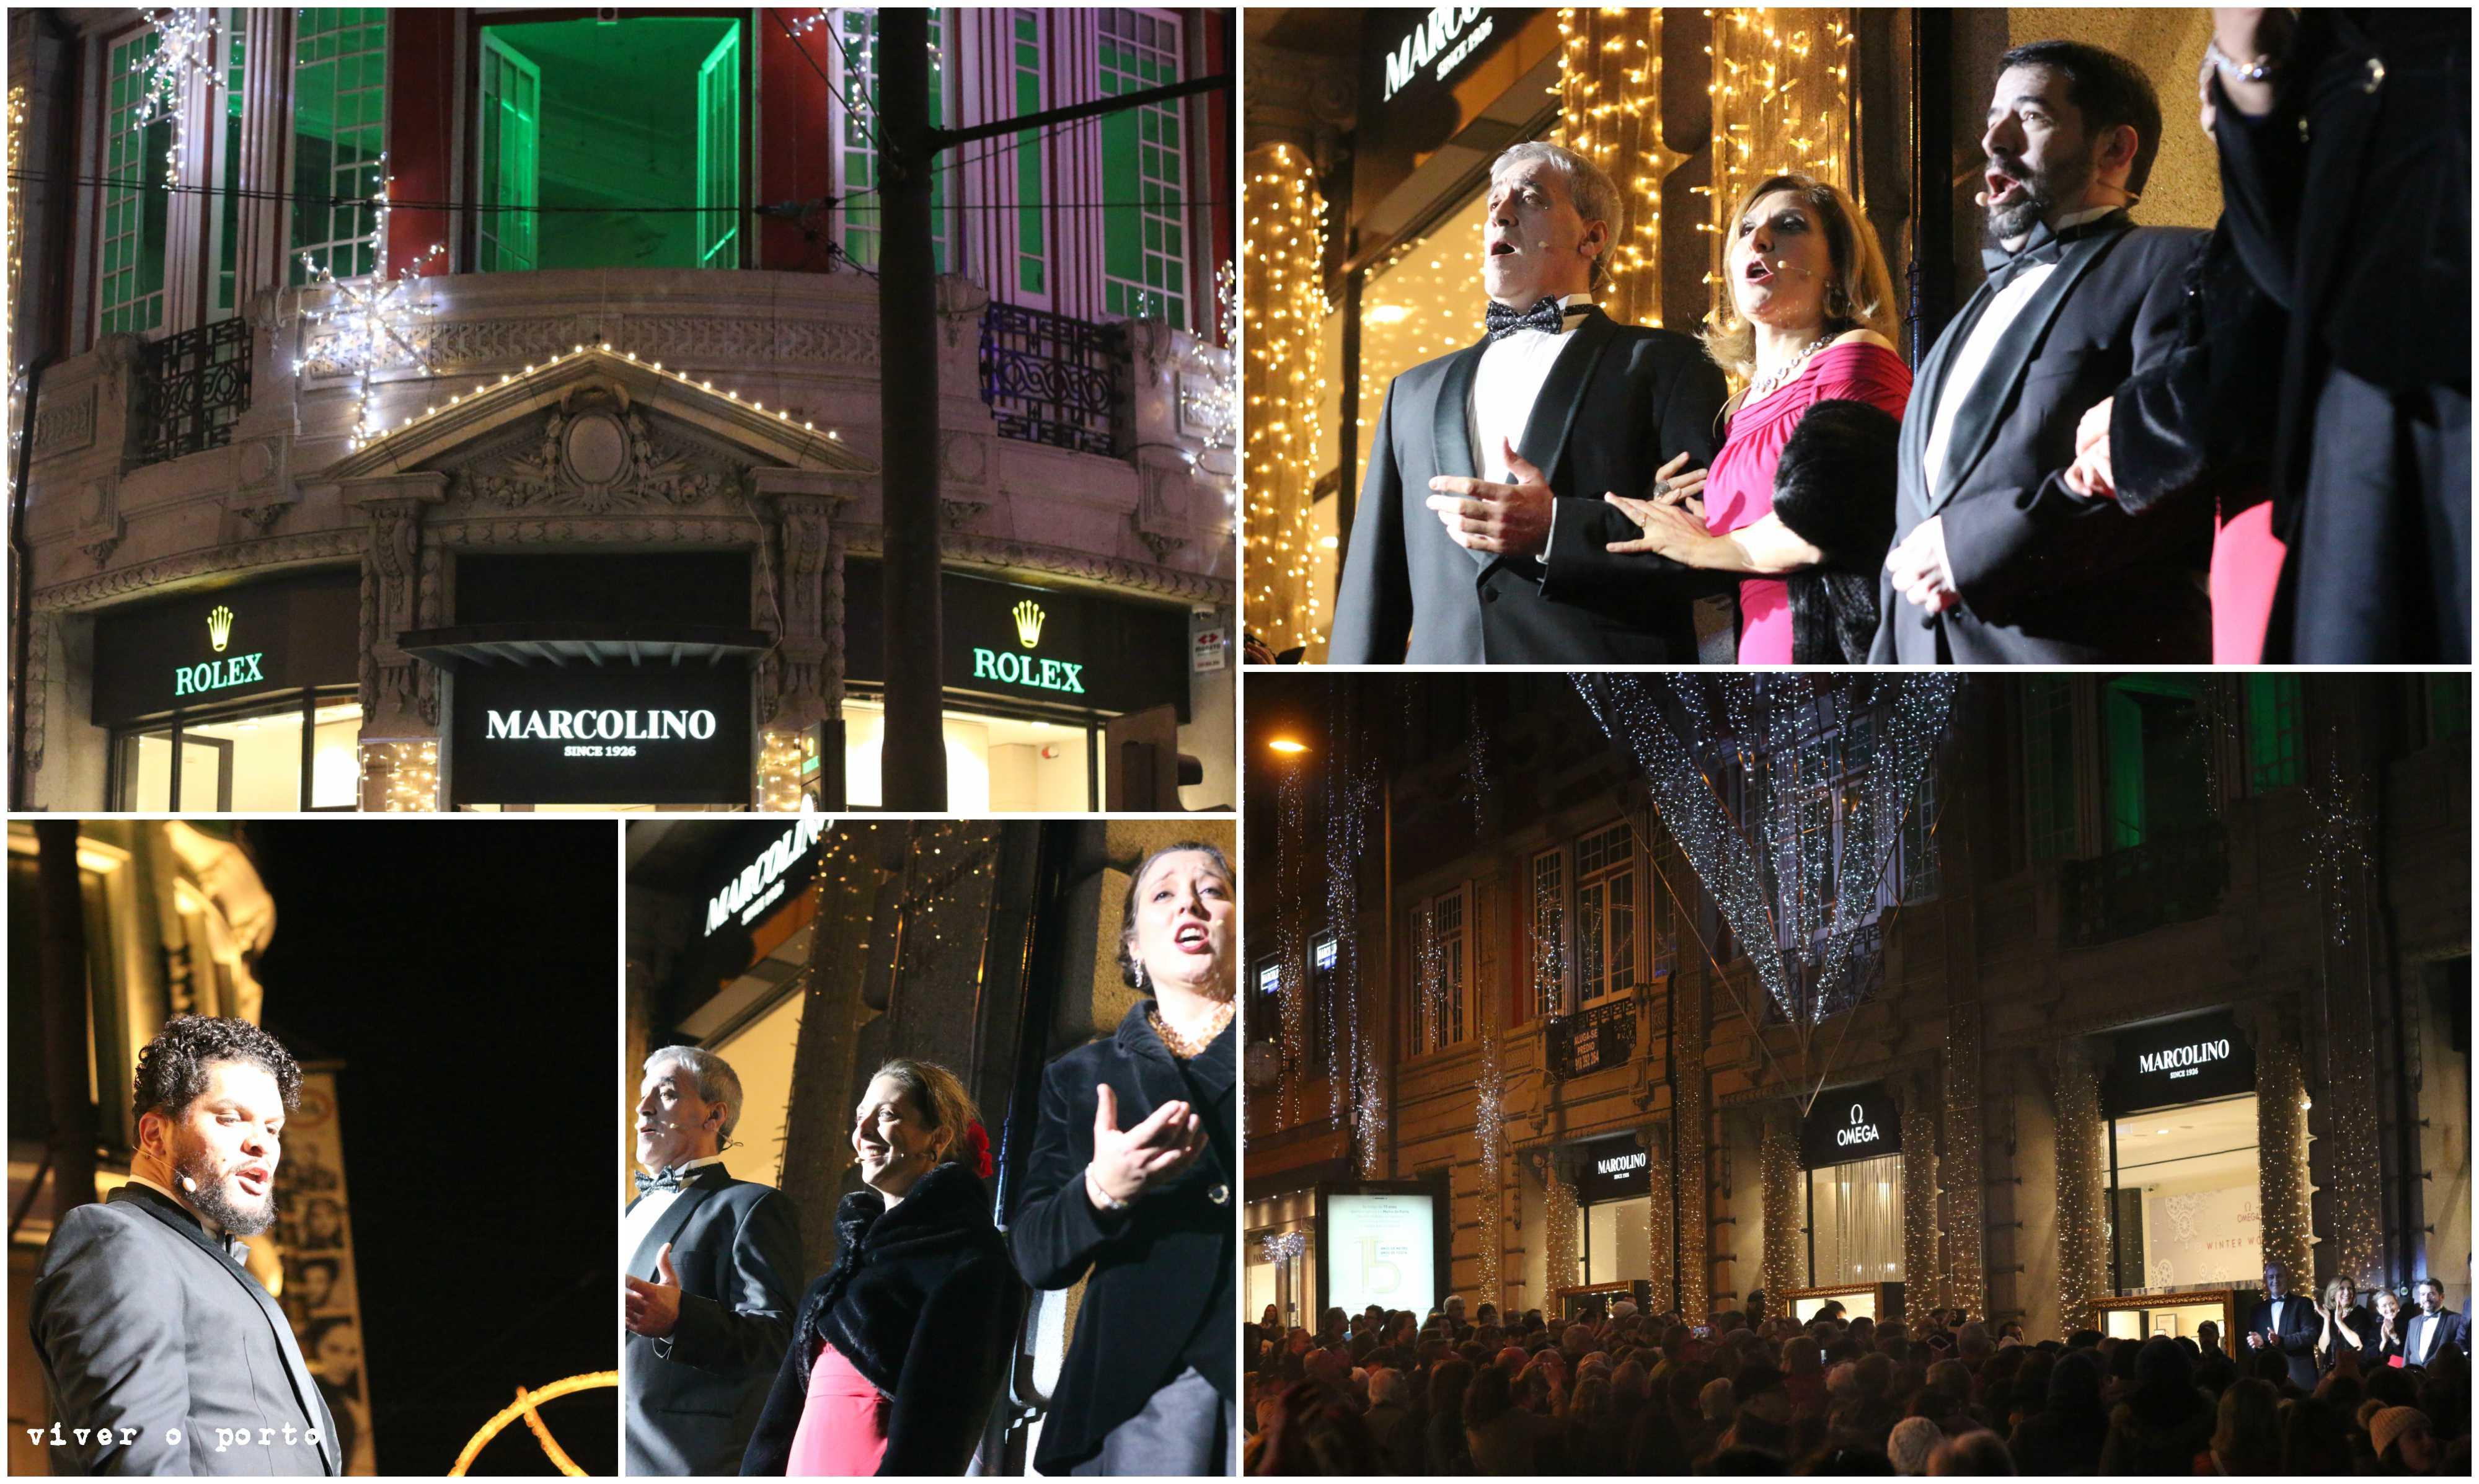 57d850e129b Celebrating Christmas with Marcolino Relojoeiro - Viver o Porto